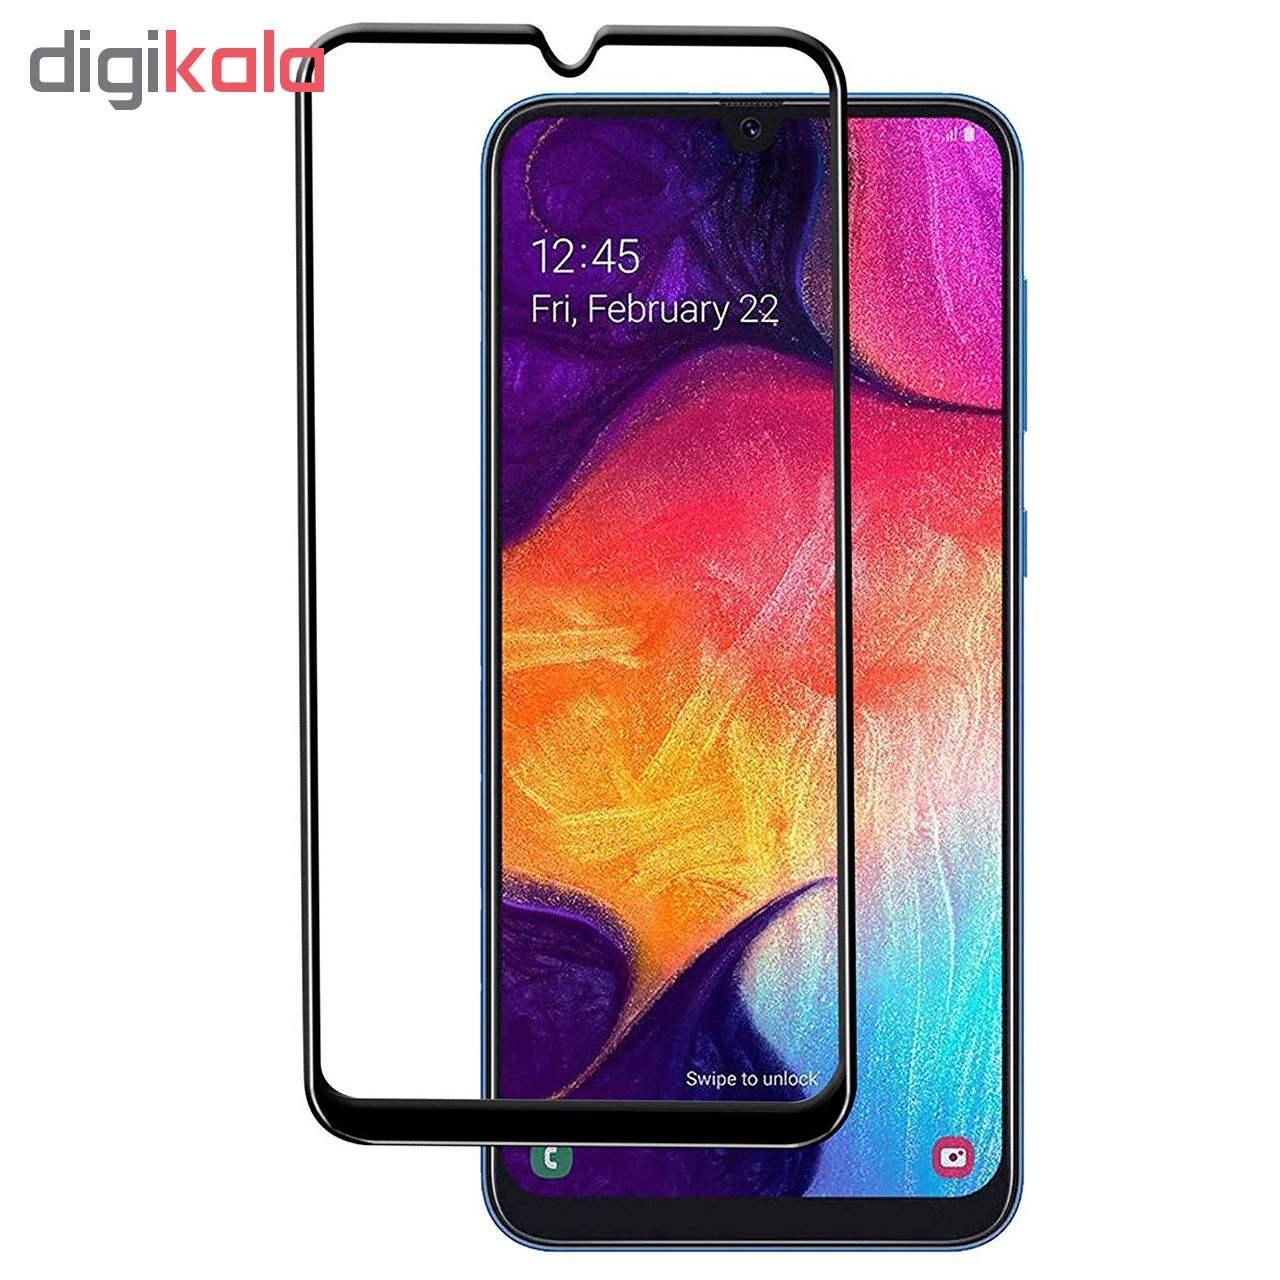 محافظ صفحه نمایش نیکسو مدل FG مناسب برای گوشی موبایل سامسونگ Galaxy A70 main 1 1